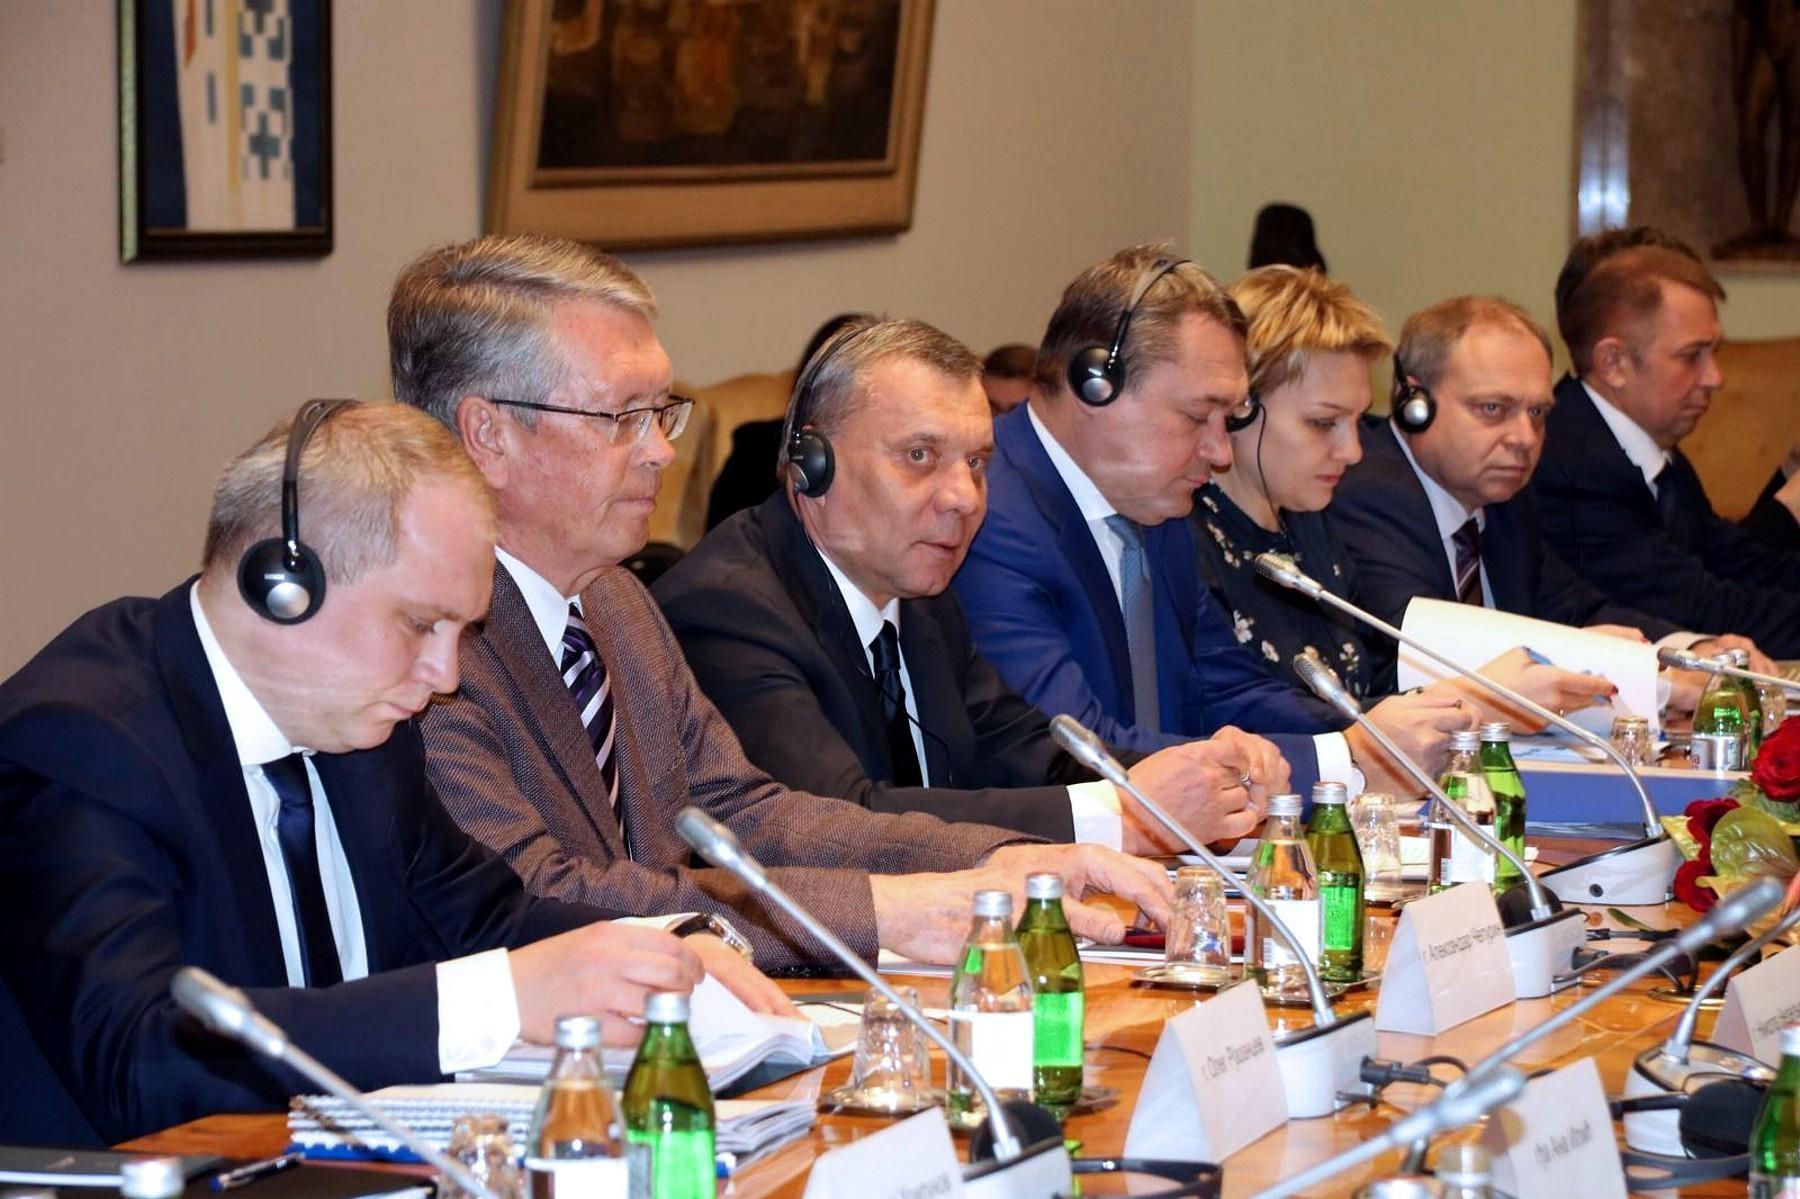 Генеральный директор АО «ГЛОНАСС» Игорь Милашевский принял участие в заседании Российско-Сербского комитета по торговле, экономическому и научно-техническому сотрудничеству